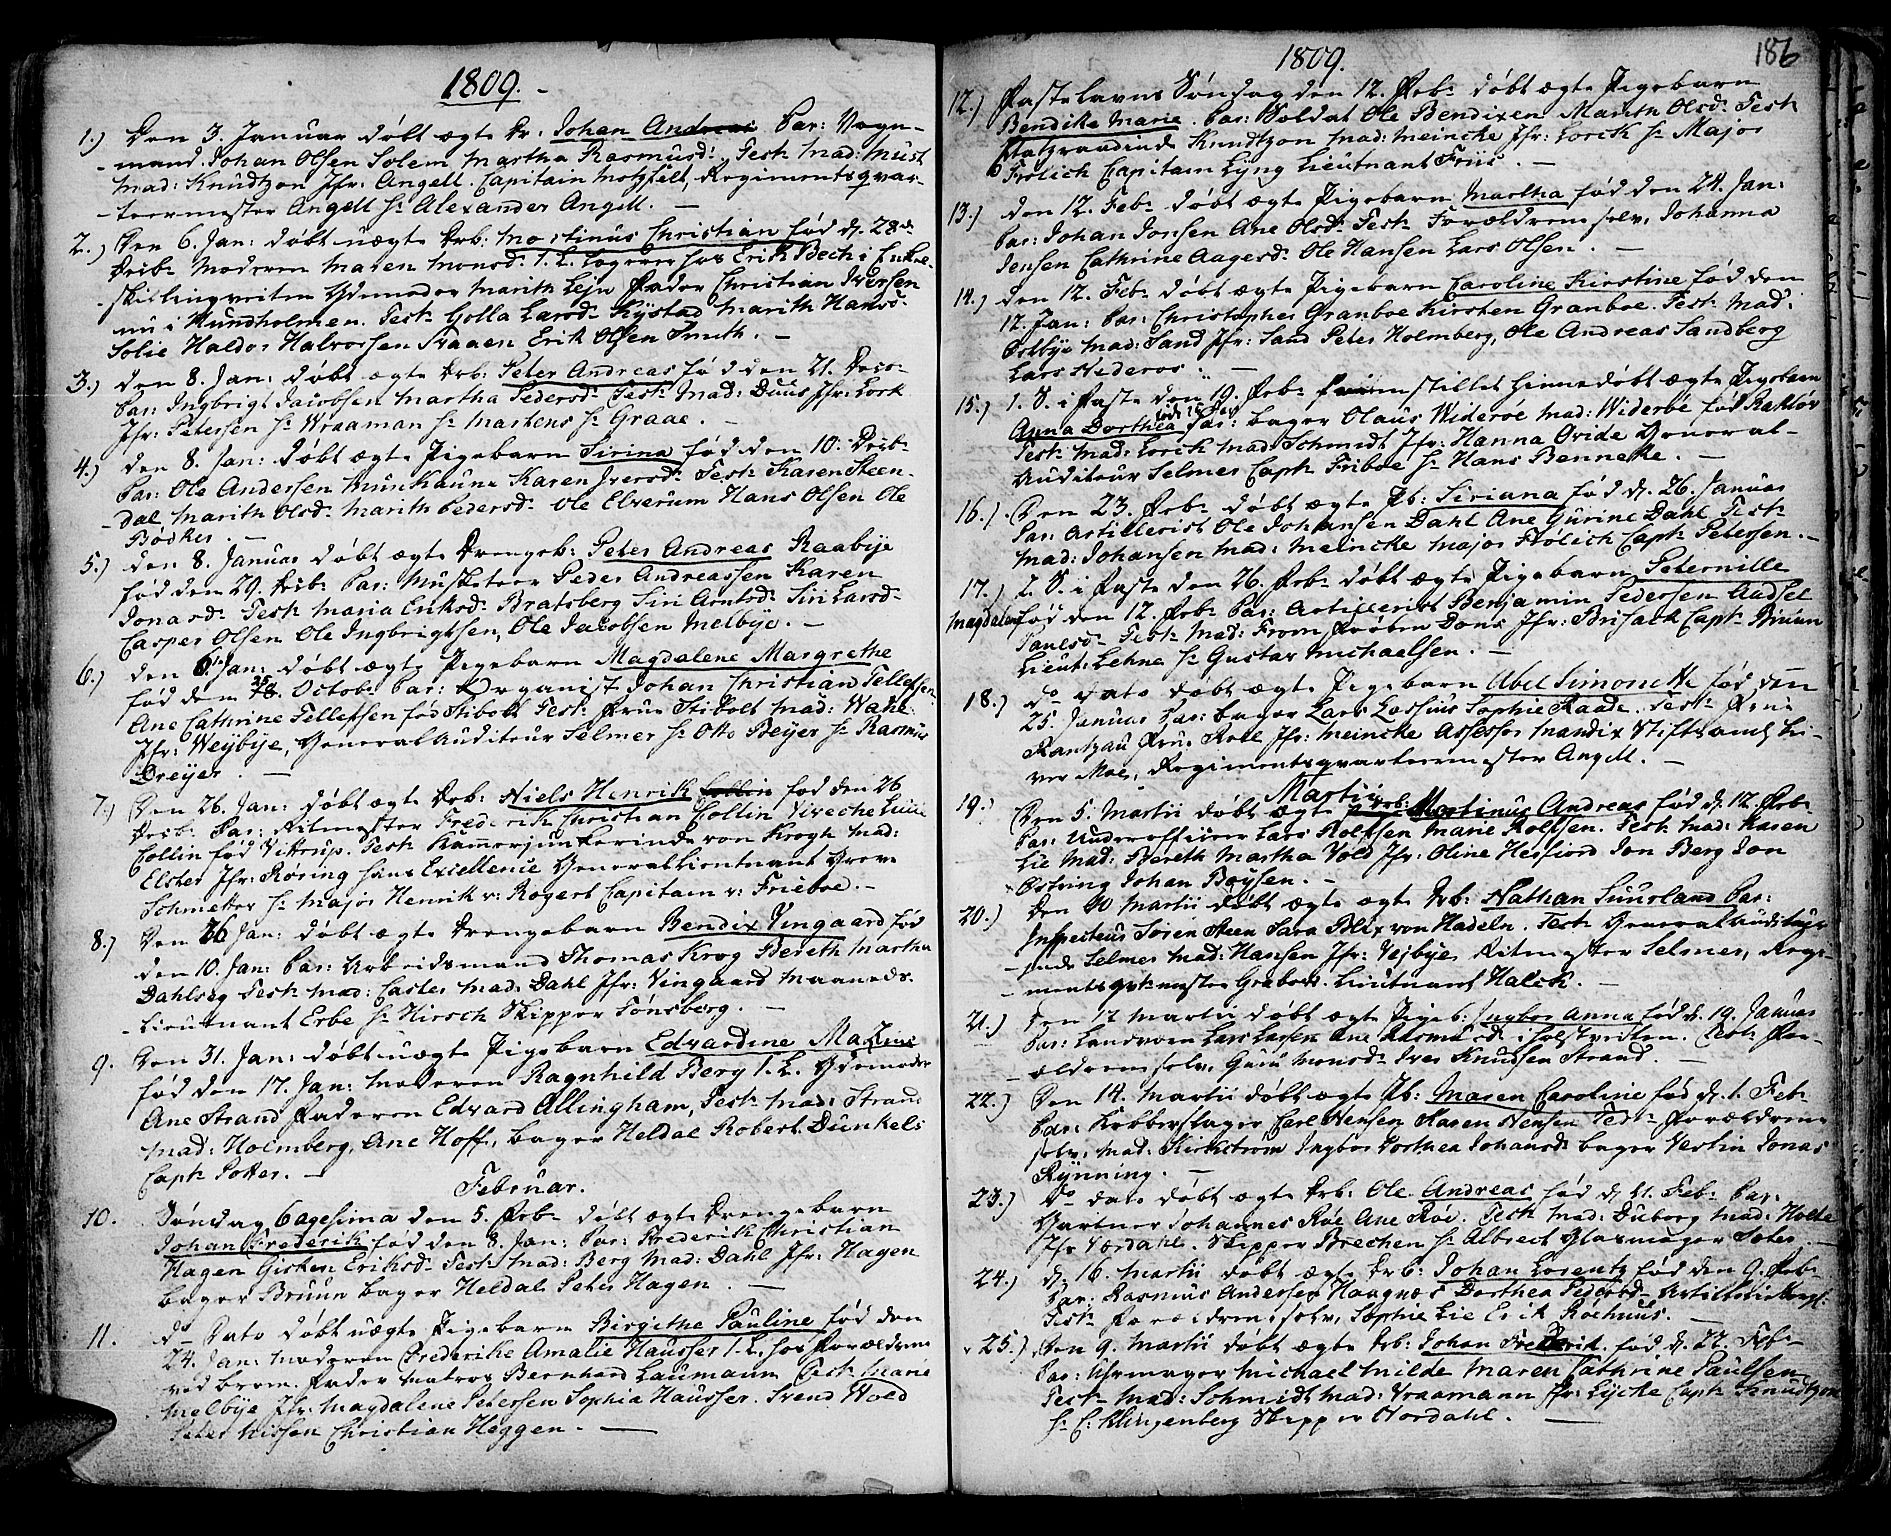 SAT, Ministerialprotokoller, klokkerbøker og fødselsregistre - Sør-Trøndelag, 601/L0039: Ministerialbok nr. 601A07, 1770-1819, s. 186